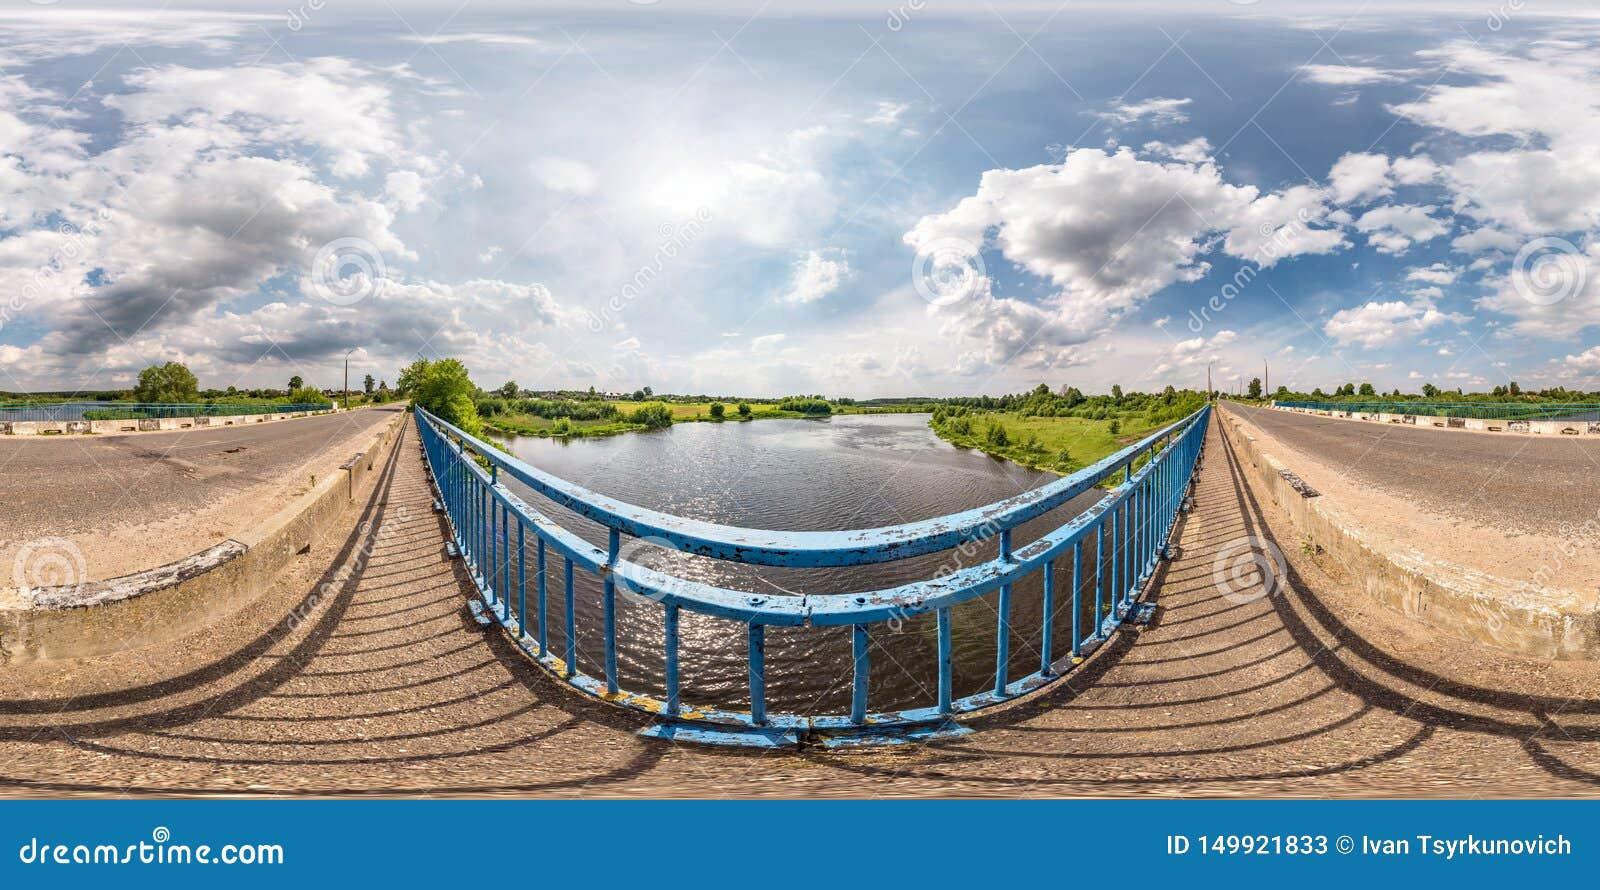 Full sömlös sfärisk hdripanorama 360 grader vinkelsikt på den konkreta bron nära asfaltvägen över floden i solig sommar